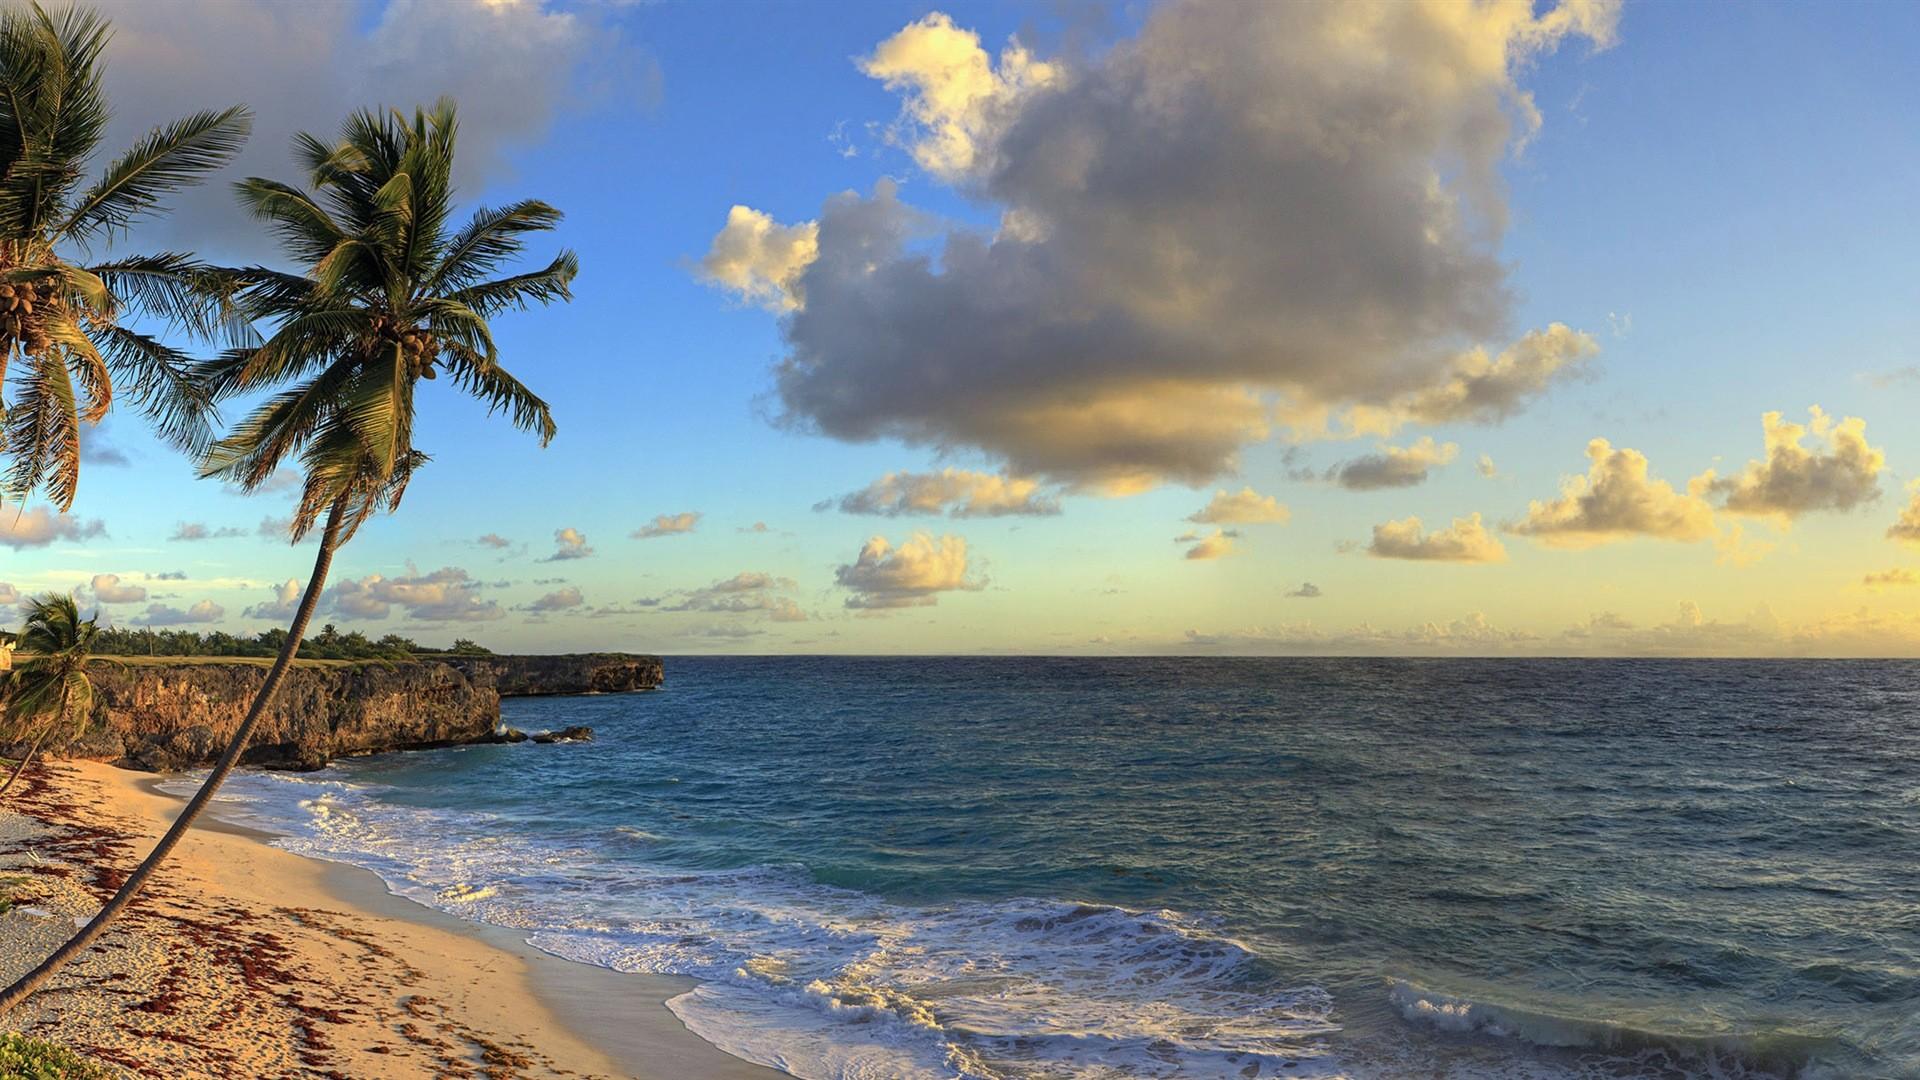 Panoramic Beach Wallpaper (50+ Images